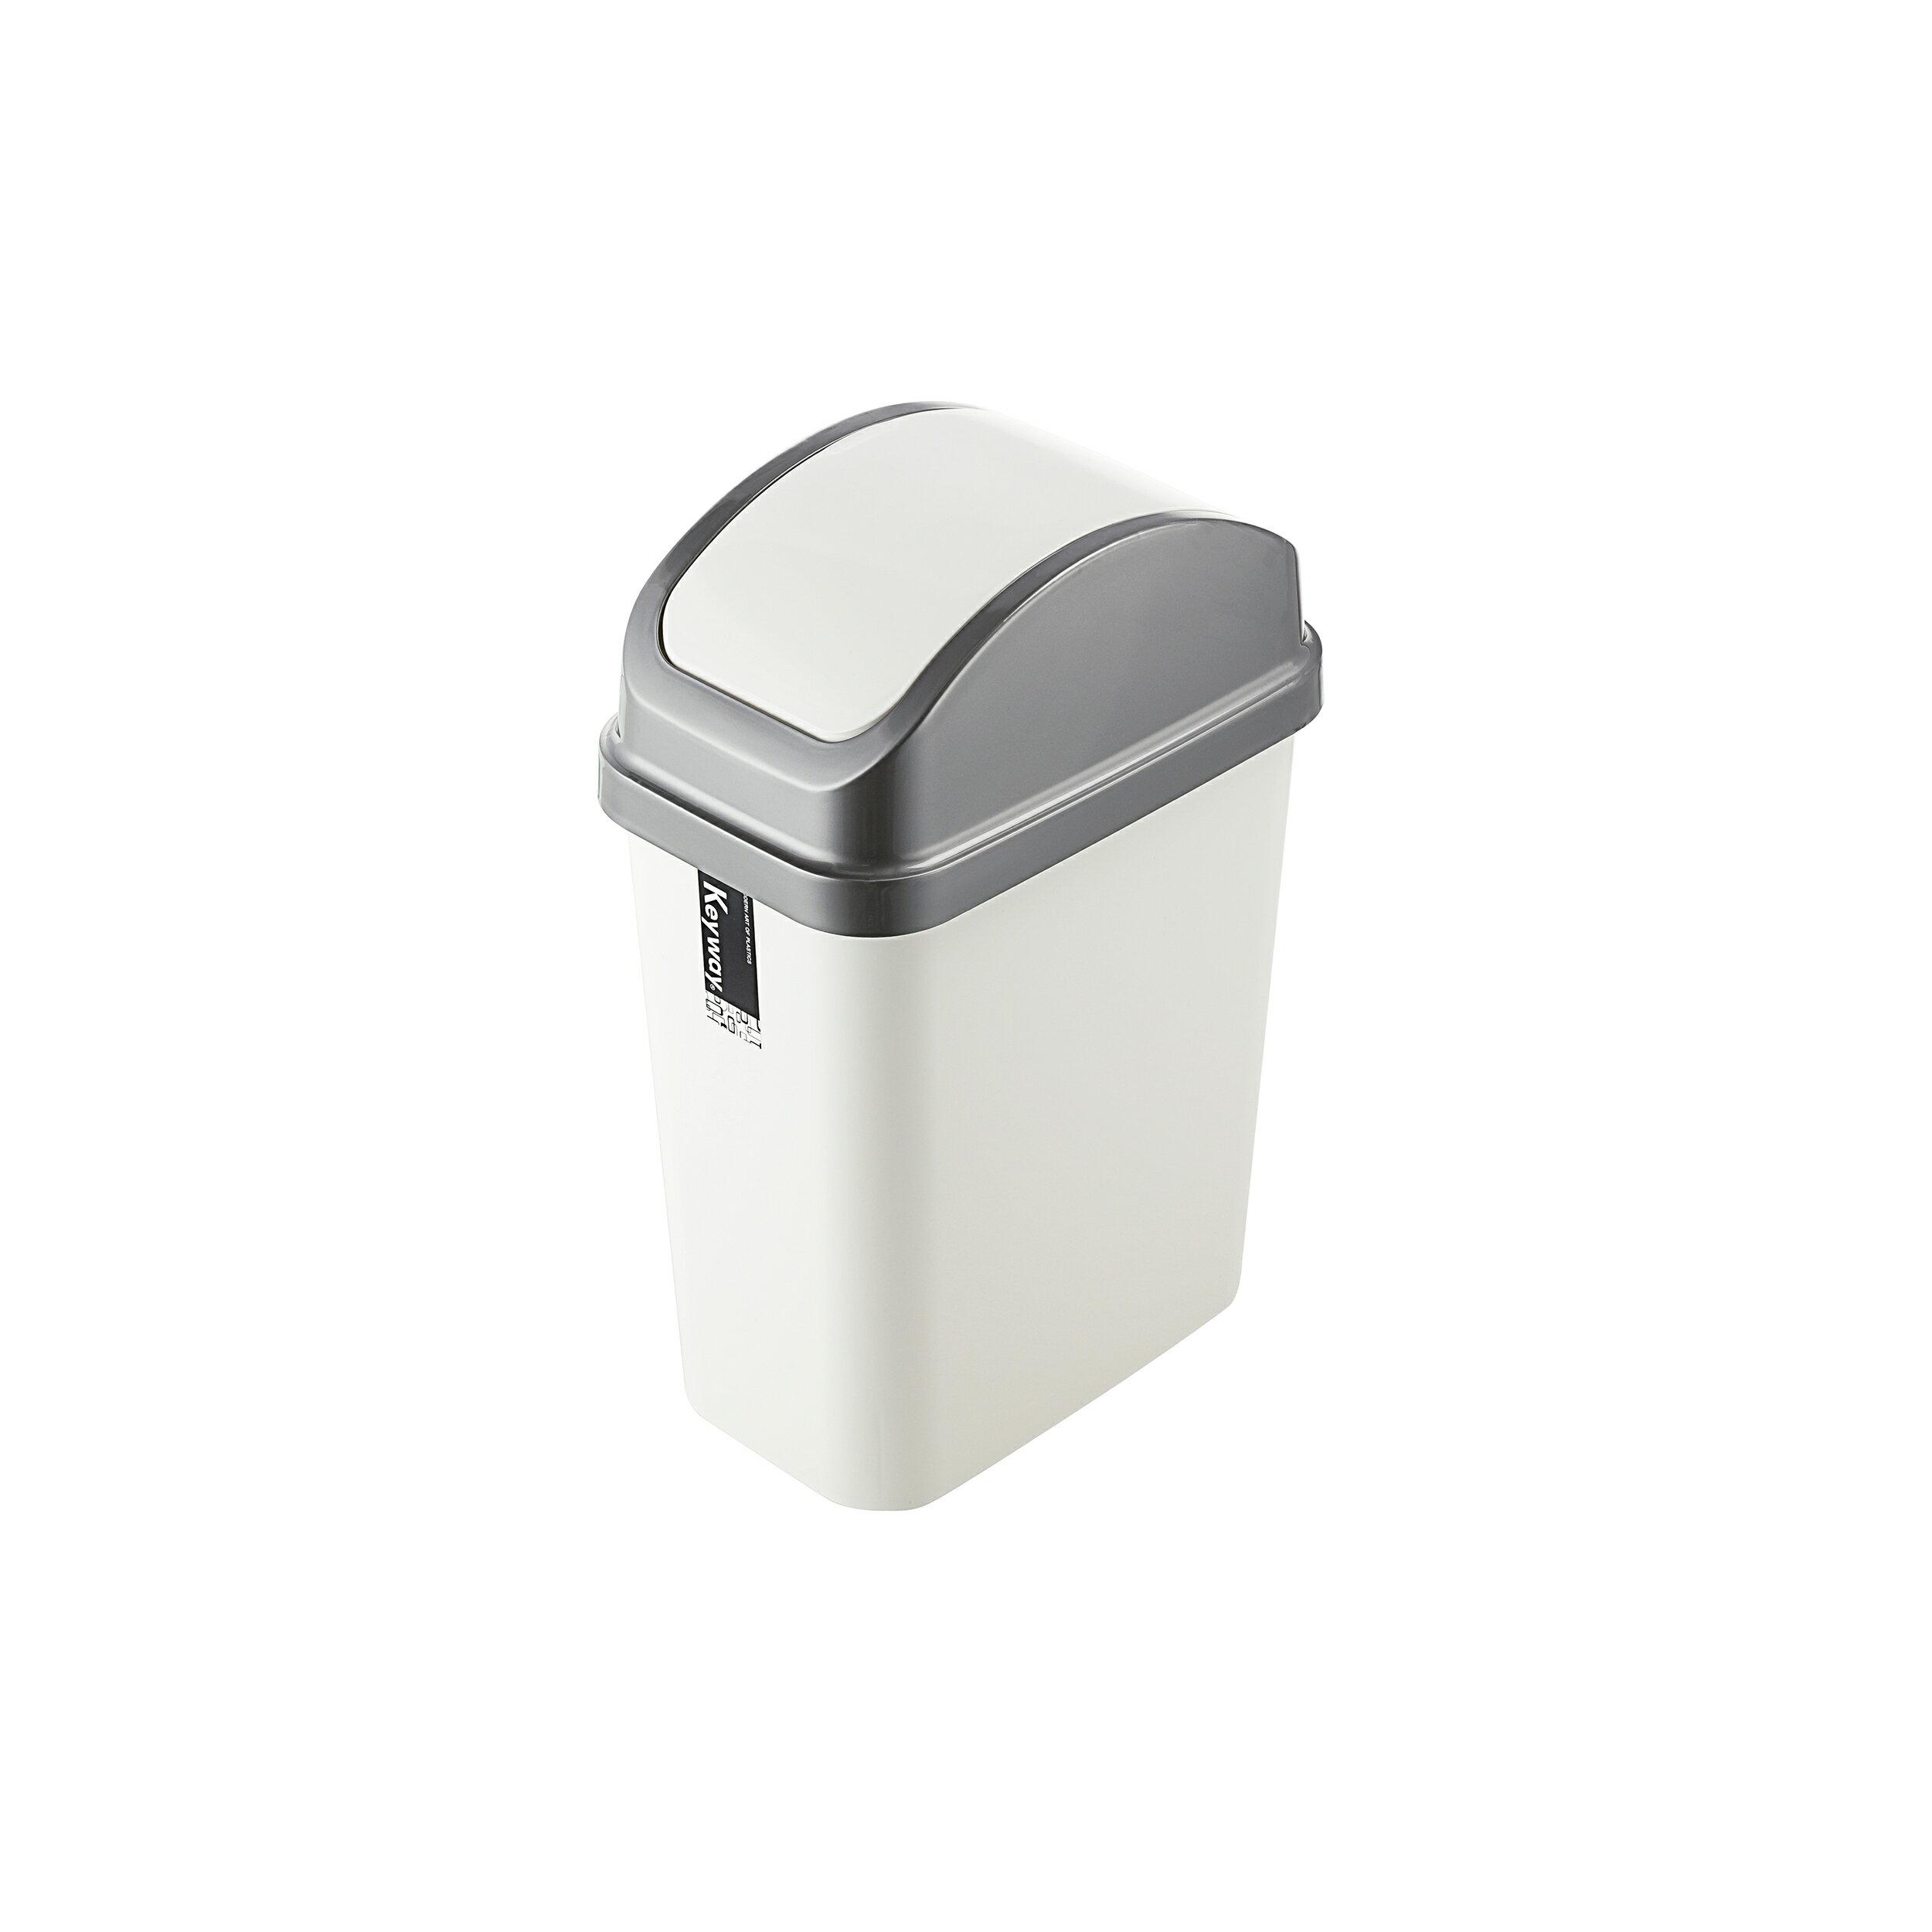 搖蓋式垃圾桶/環保概念/MIT台灣製造 天使10L附蓋垃圾桶 CV-310  KEYWAY聯府